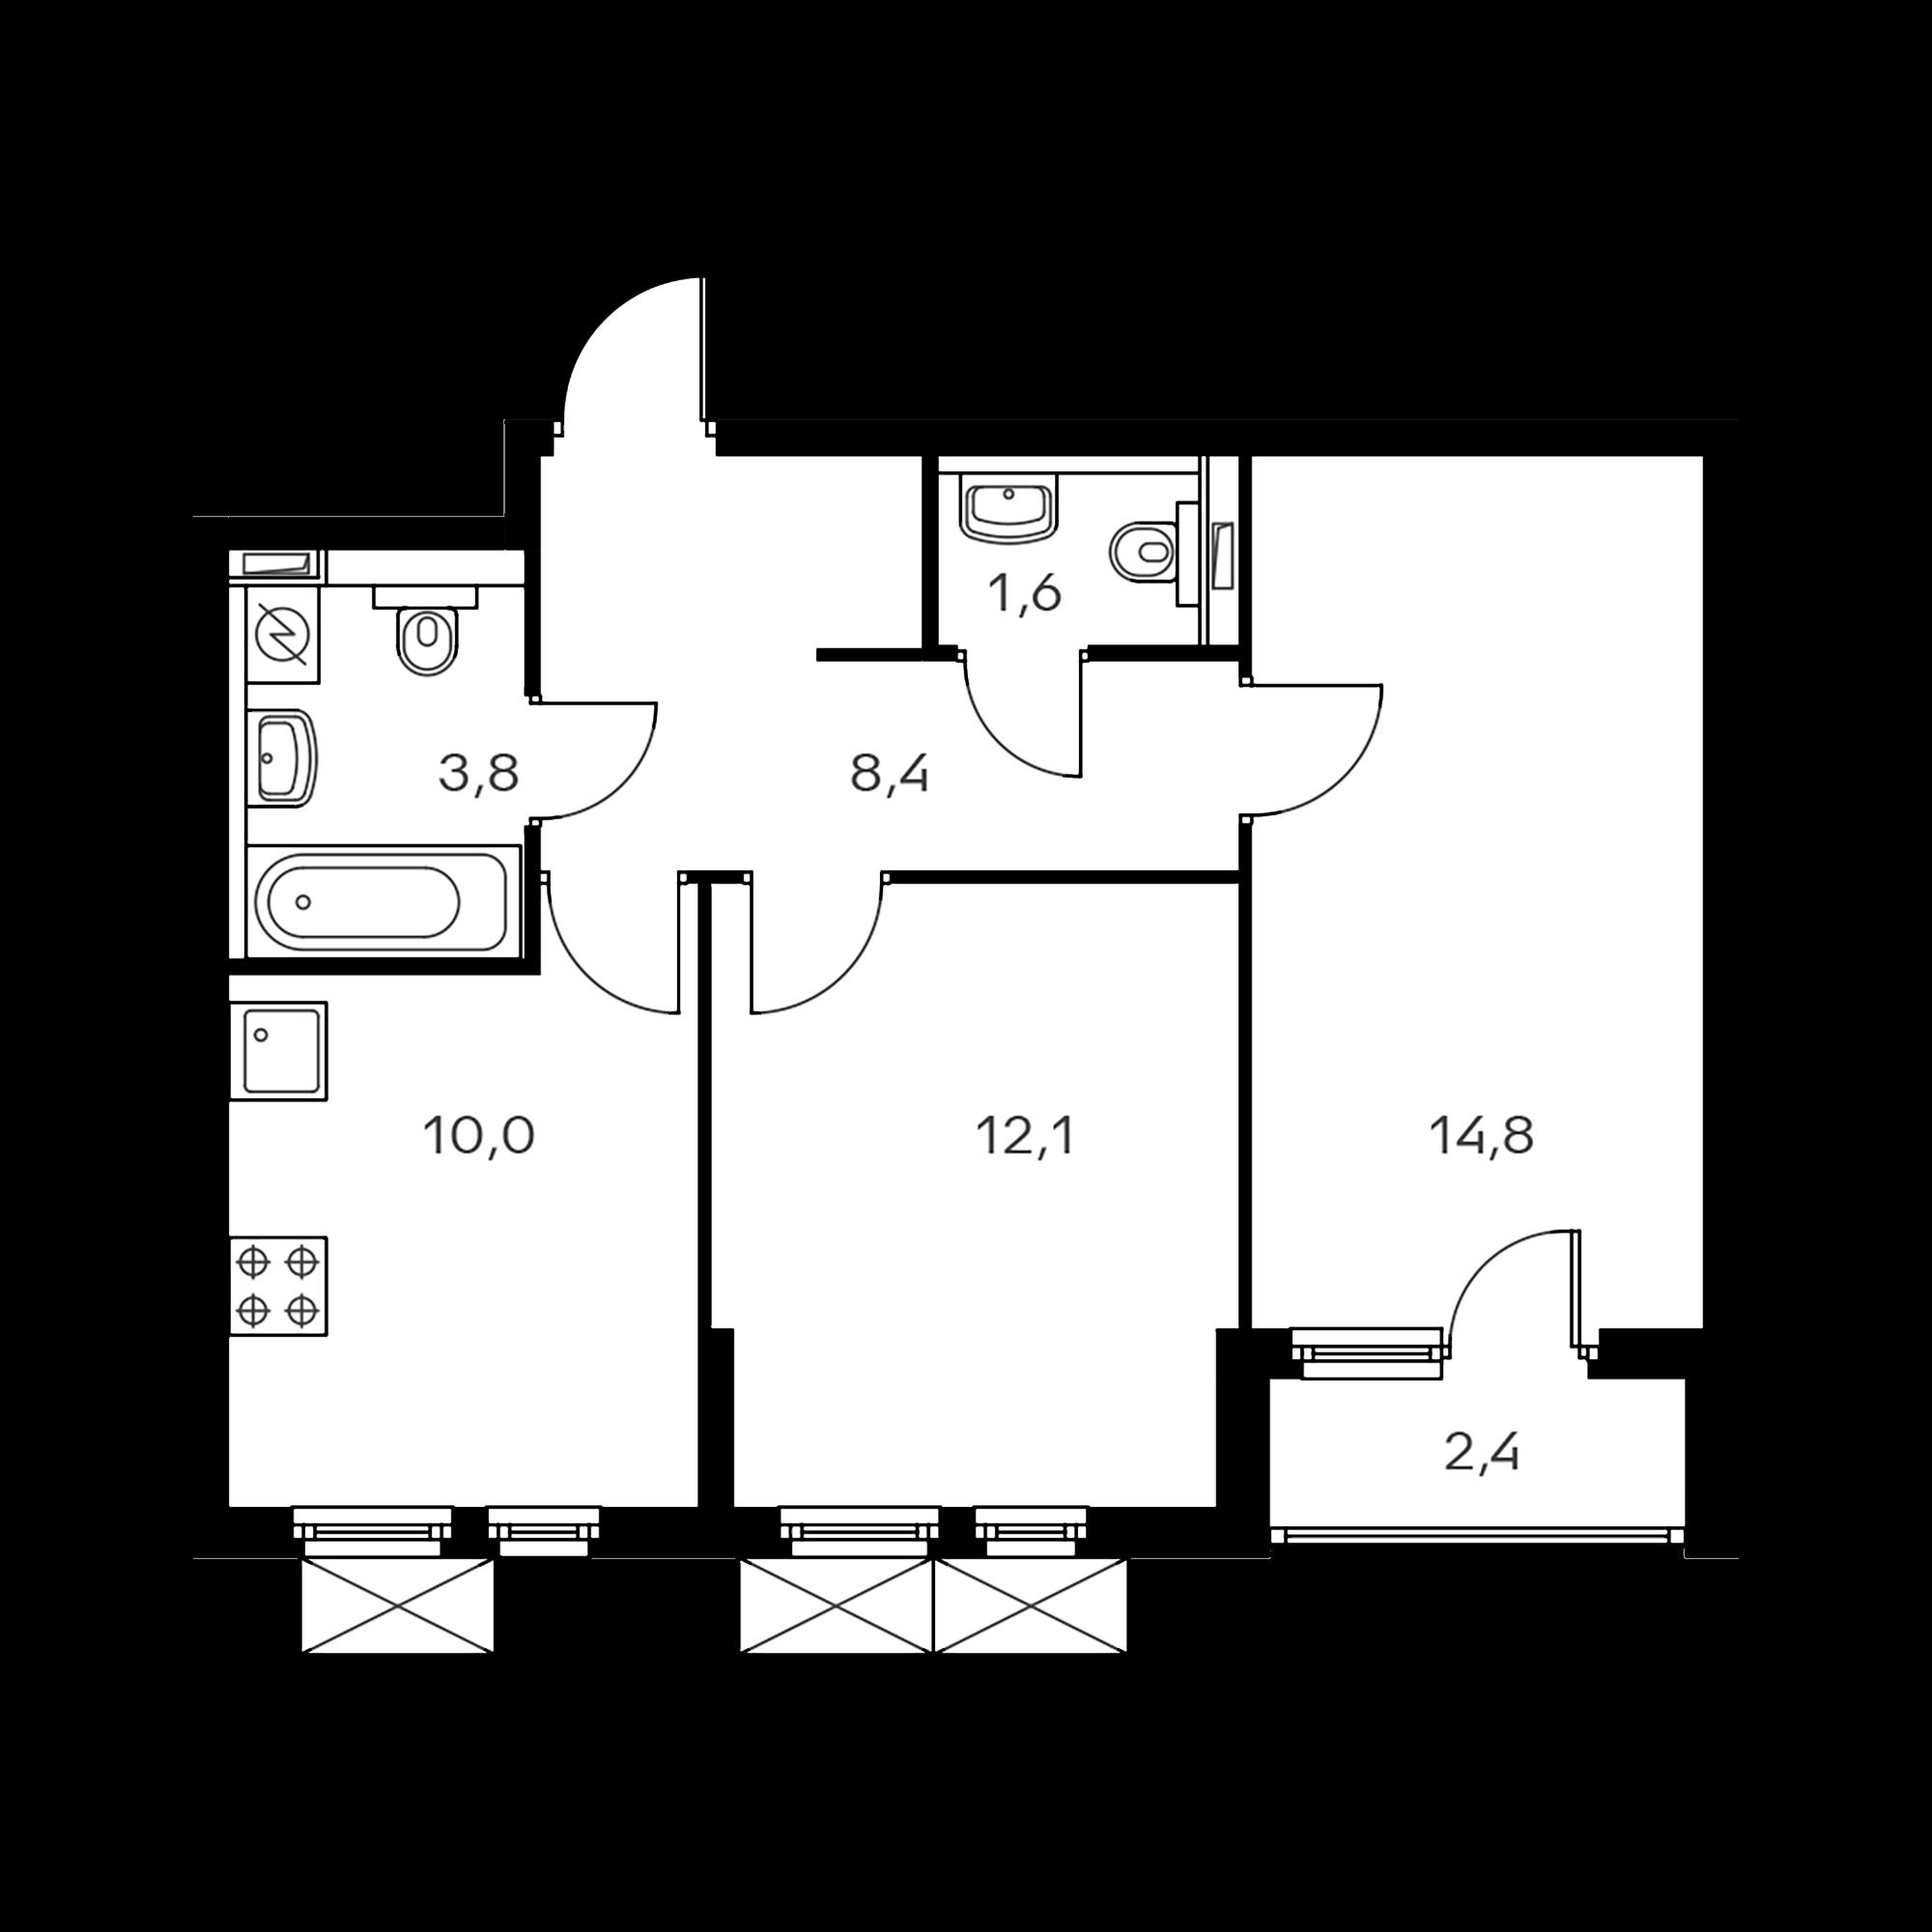 2KM6_9.3-1_S_ZL